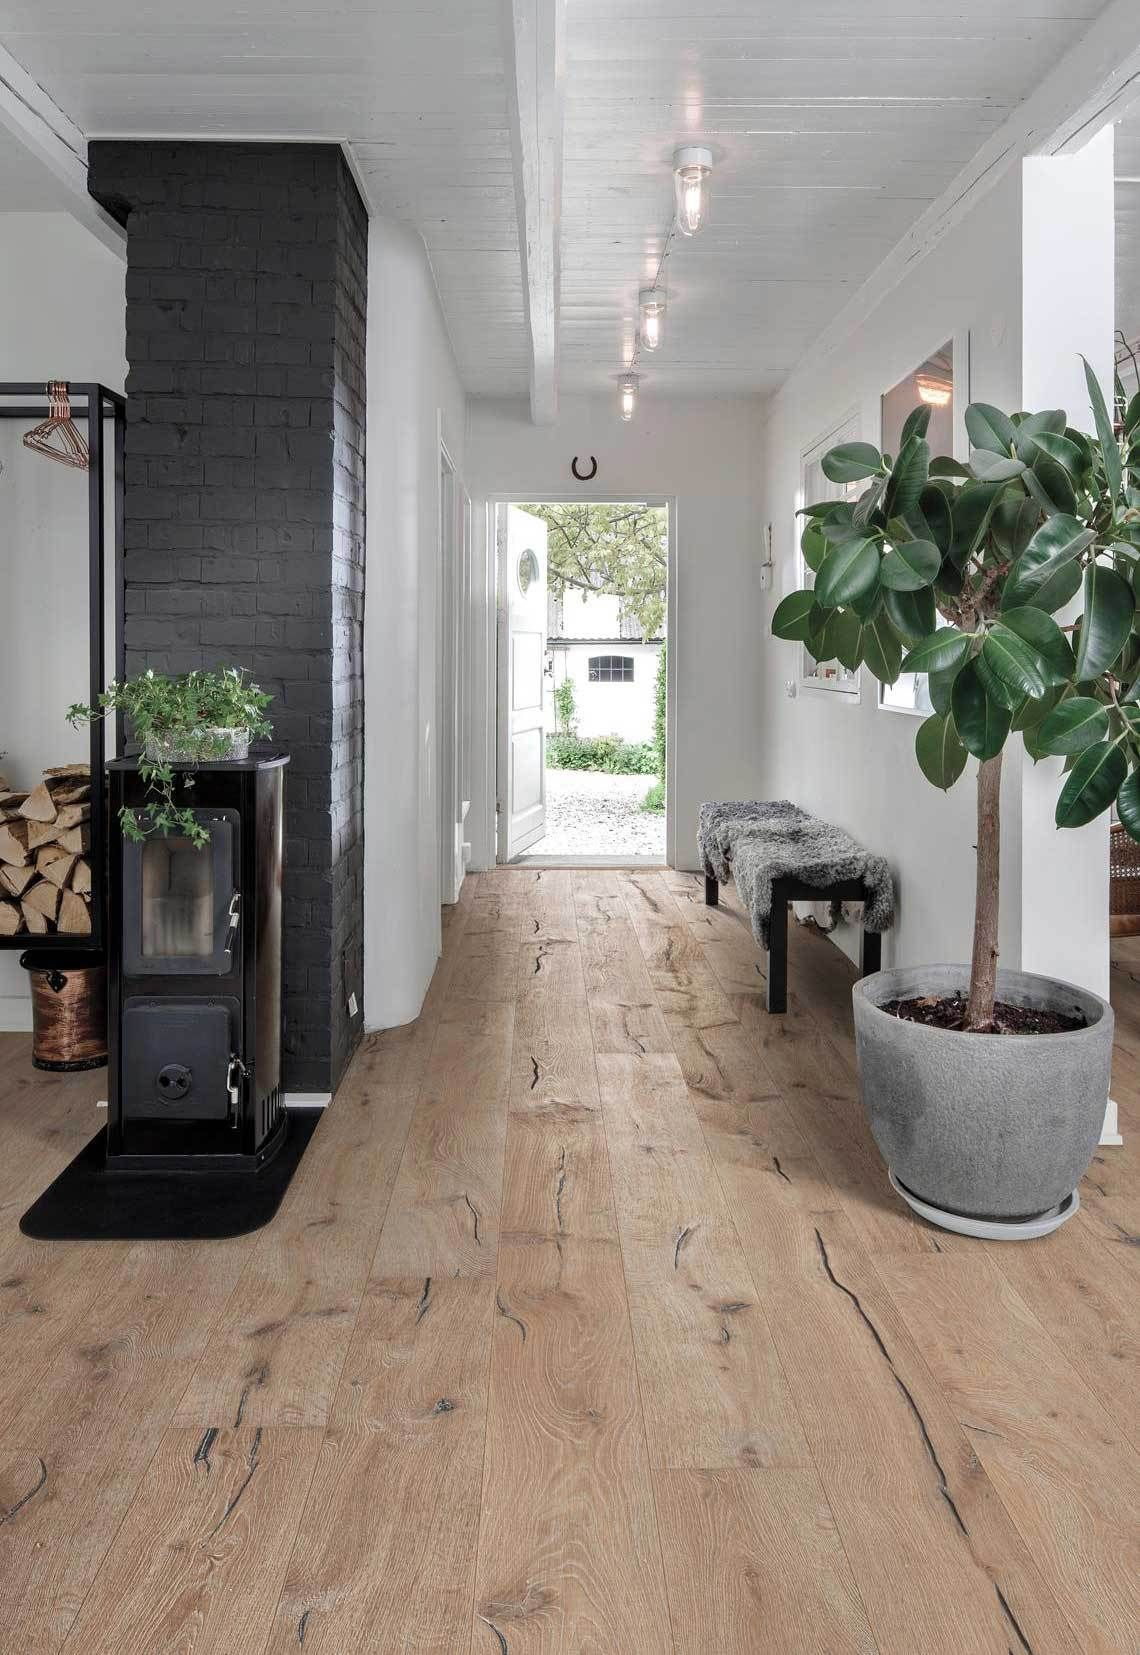 Esszimmer ideen mit spiegeln prodigious tips flooring transition window white flooring panels